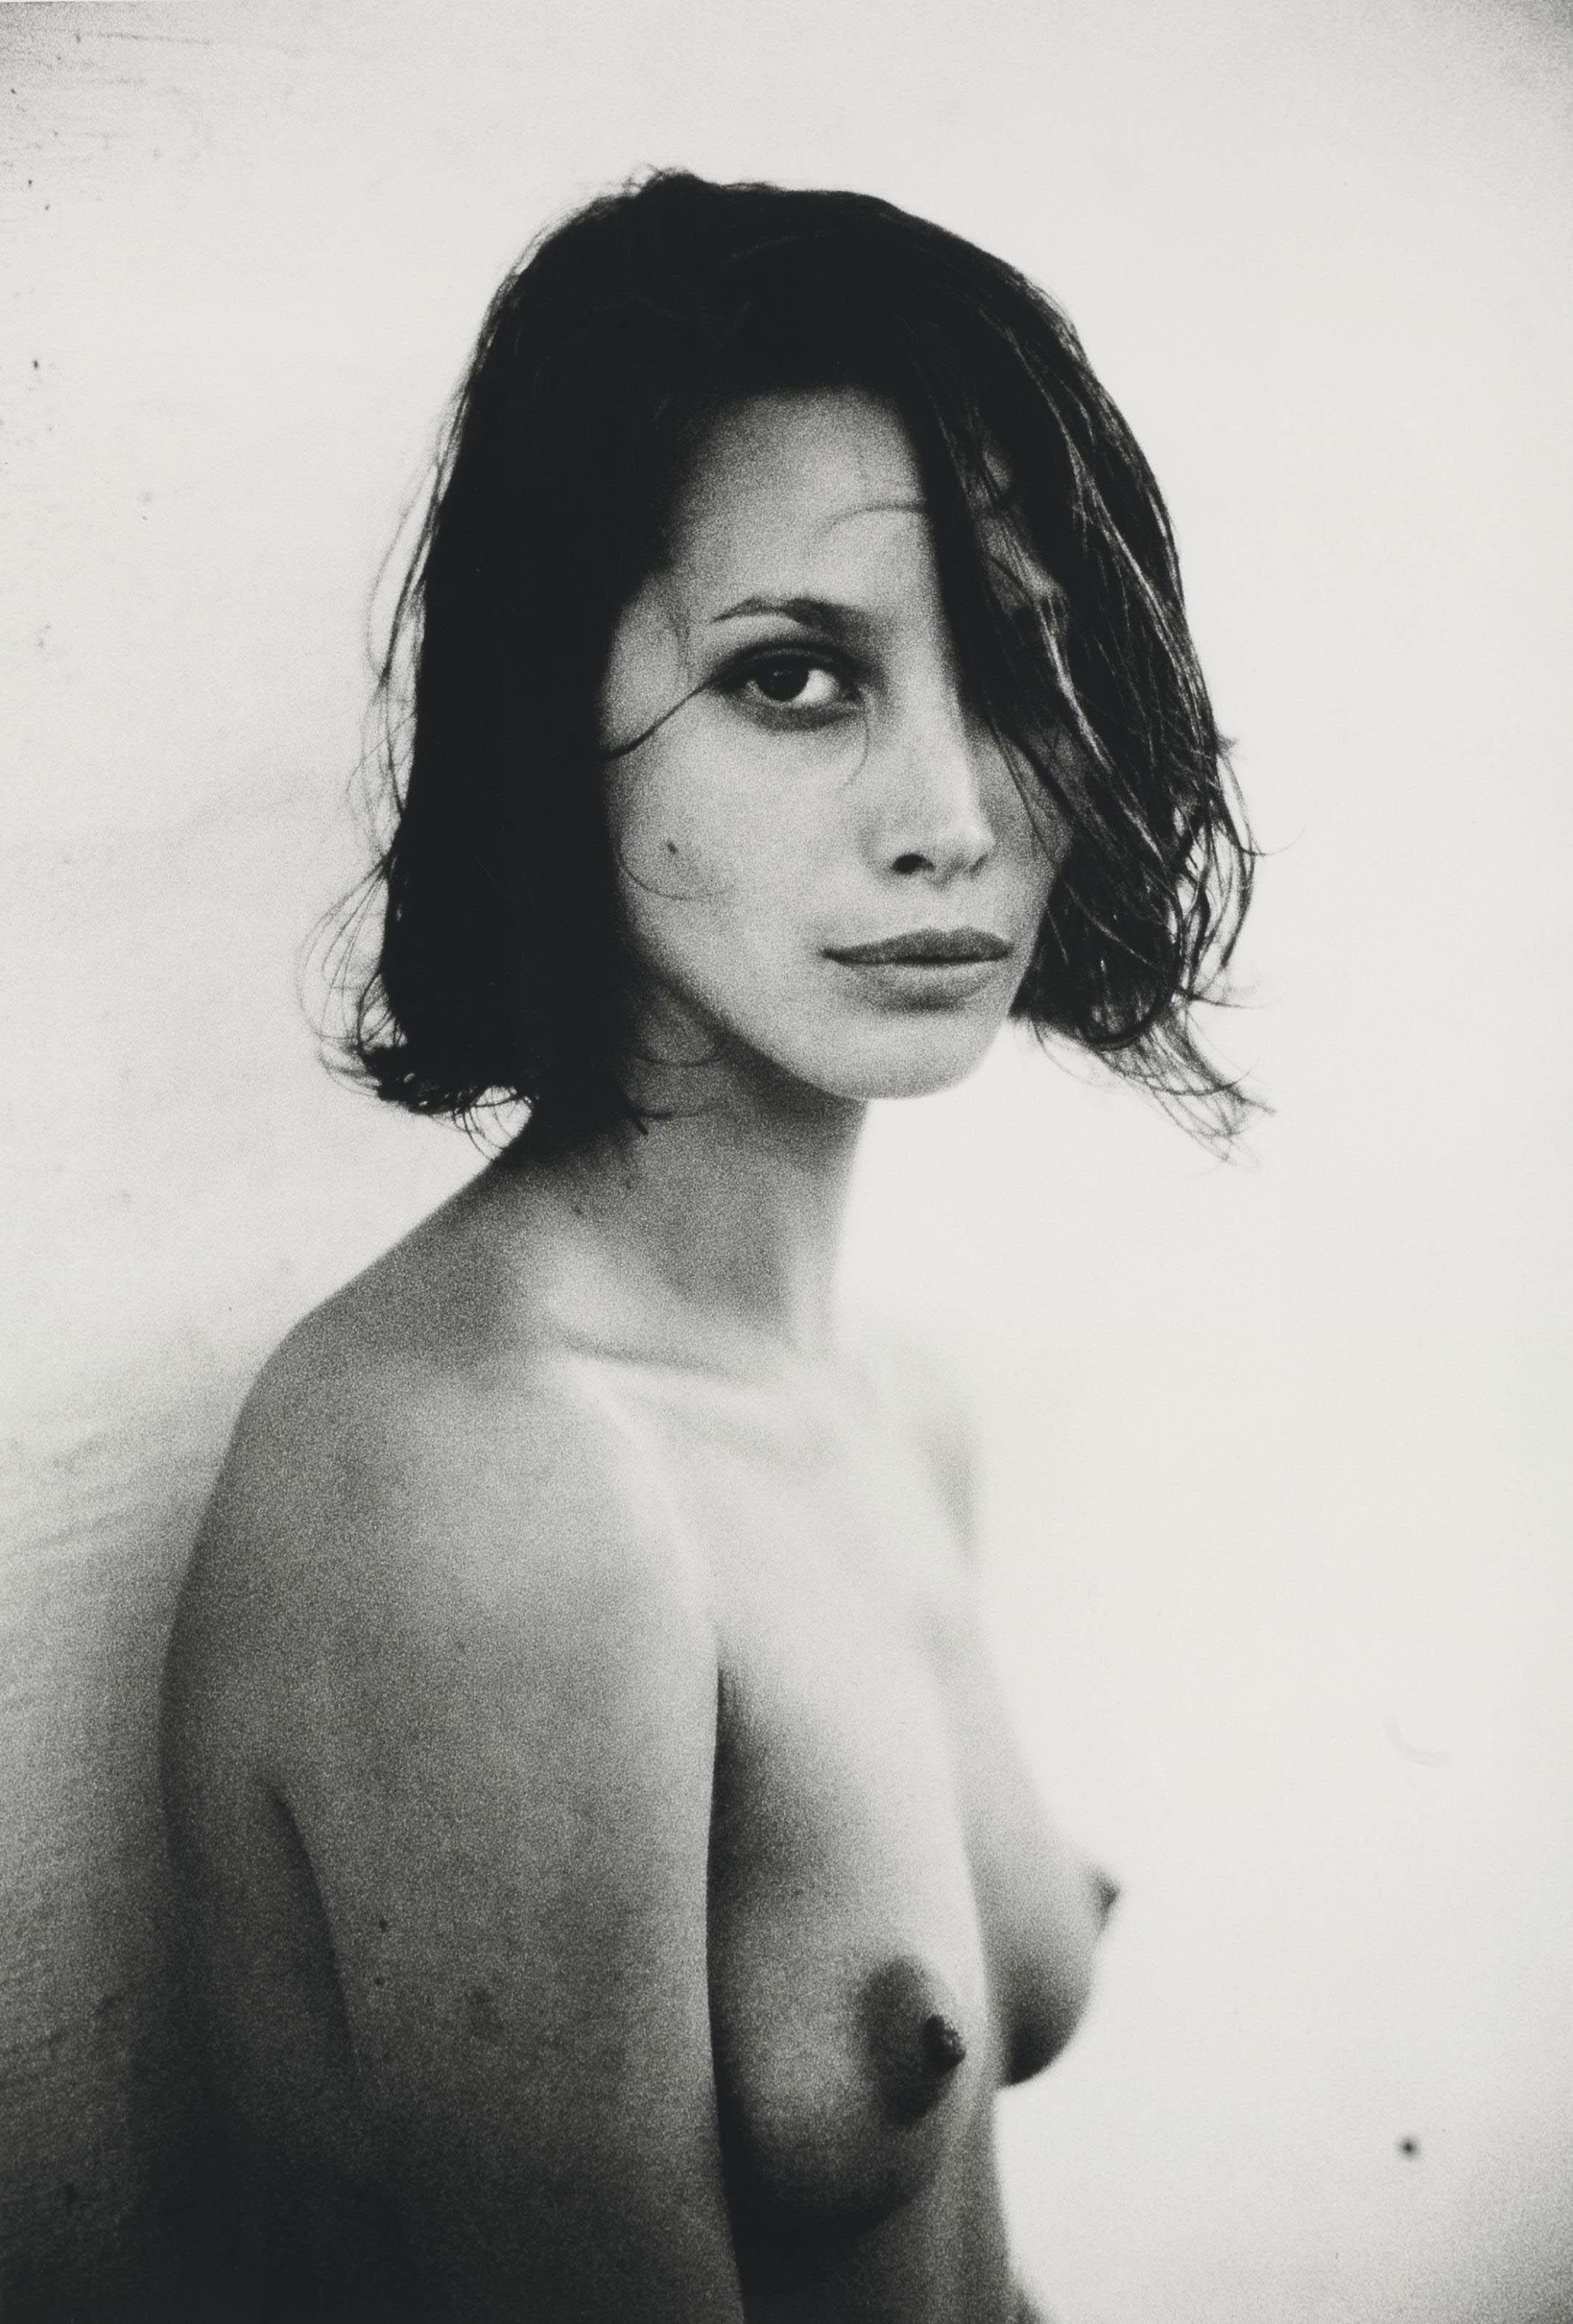 Christy Turlington, LA, 1989